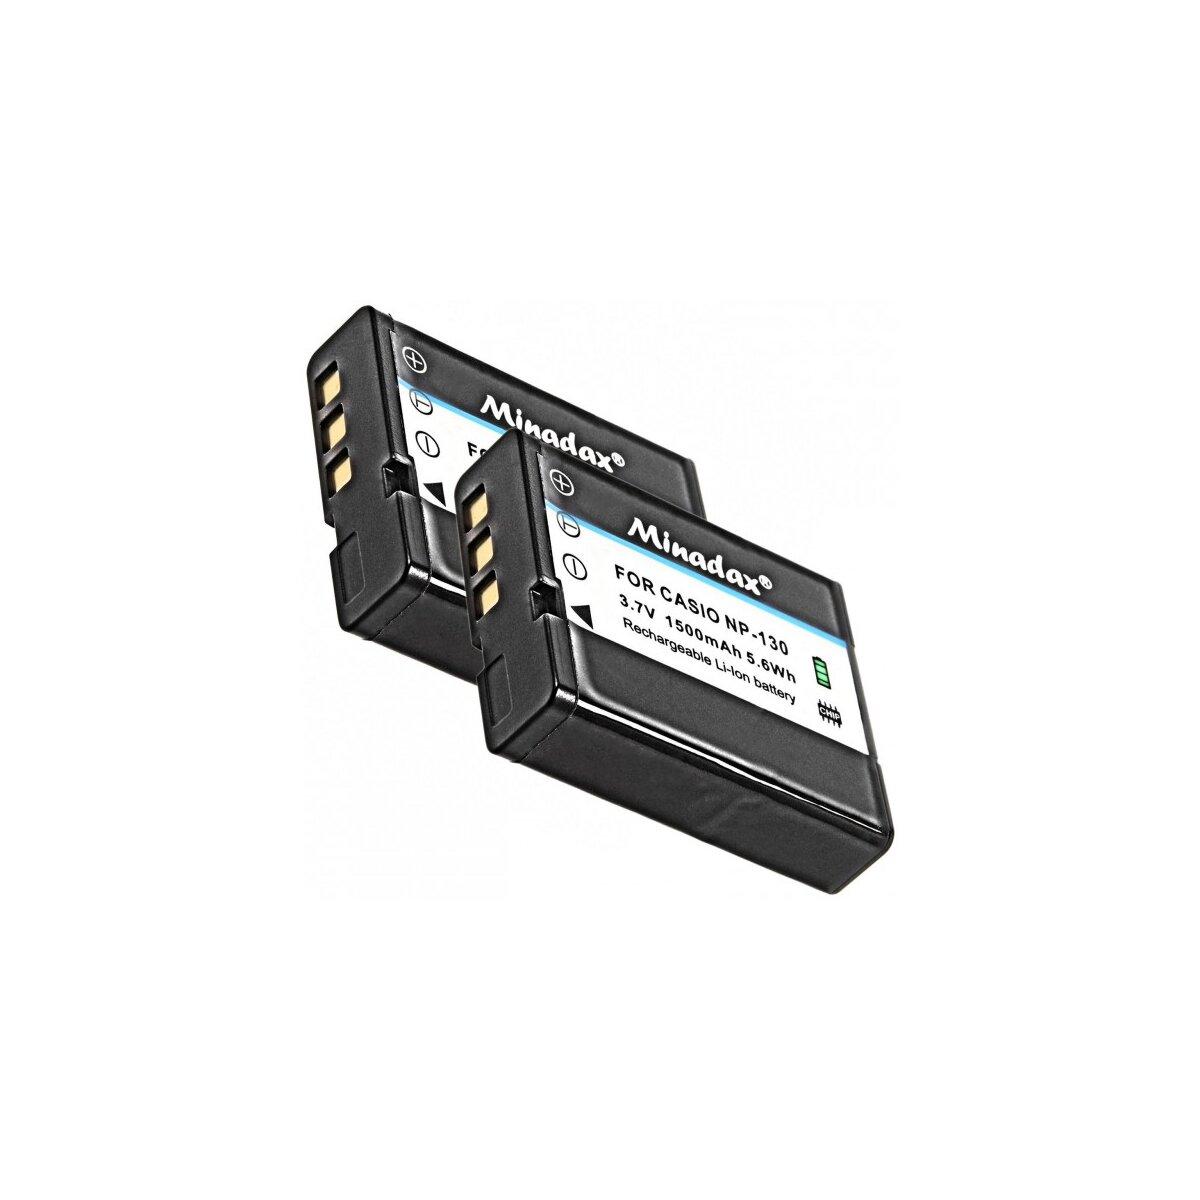 2x Minadax Qualitätsakku mit echten 1500 mAh kompatibel für Casio, Ersatz für NP-130 - Intelligentes Akkusystem mit Chip